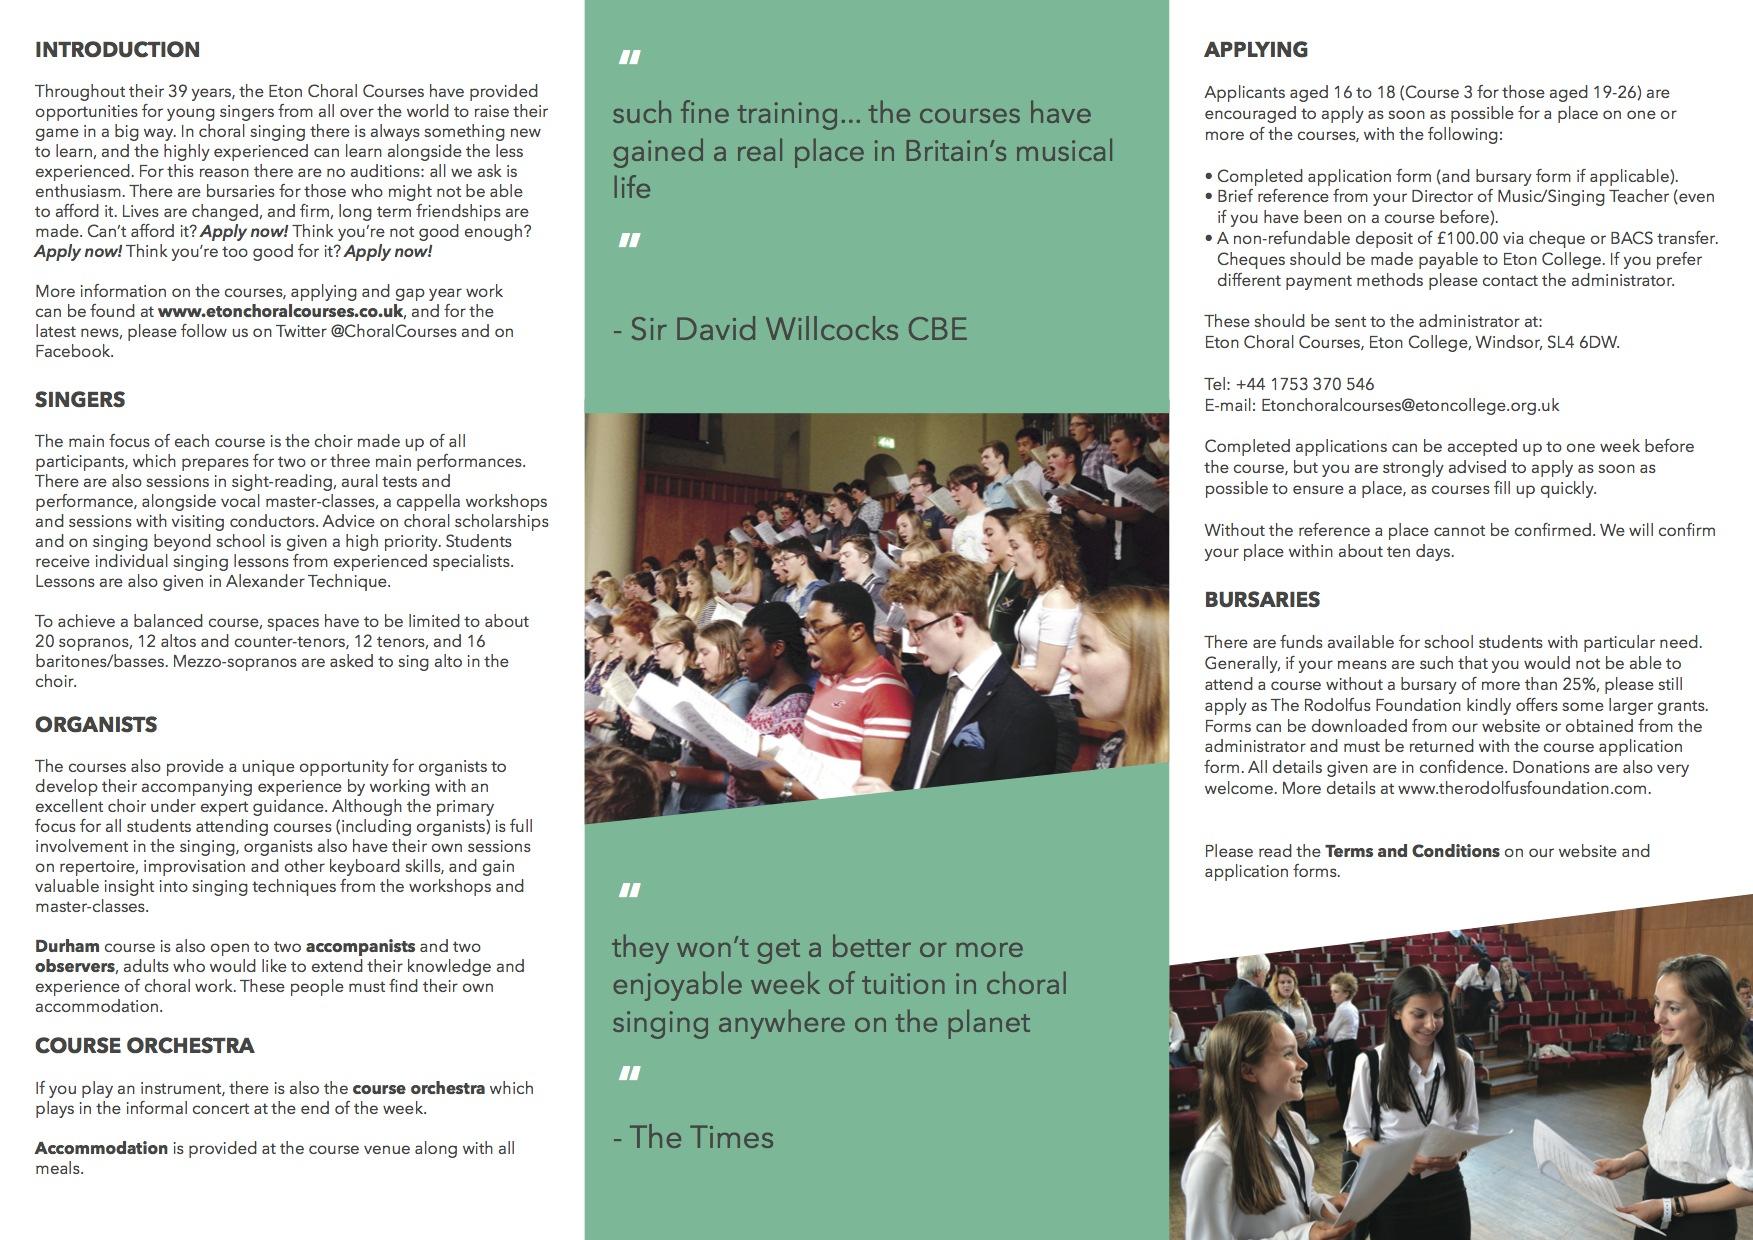 ECC Brochure 2018, page 2